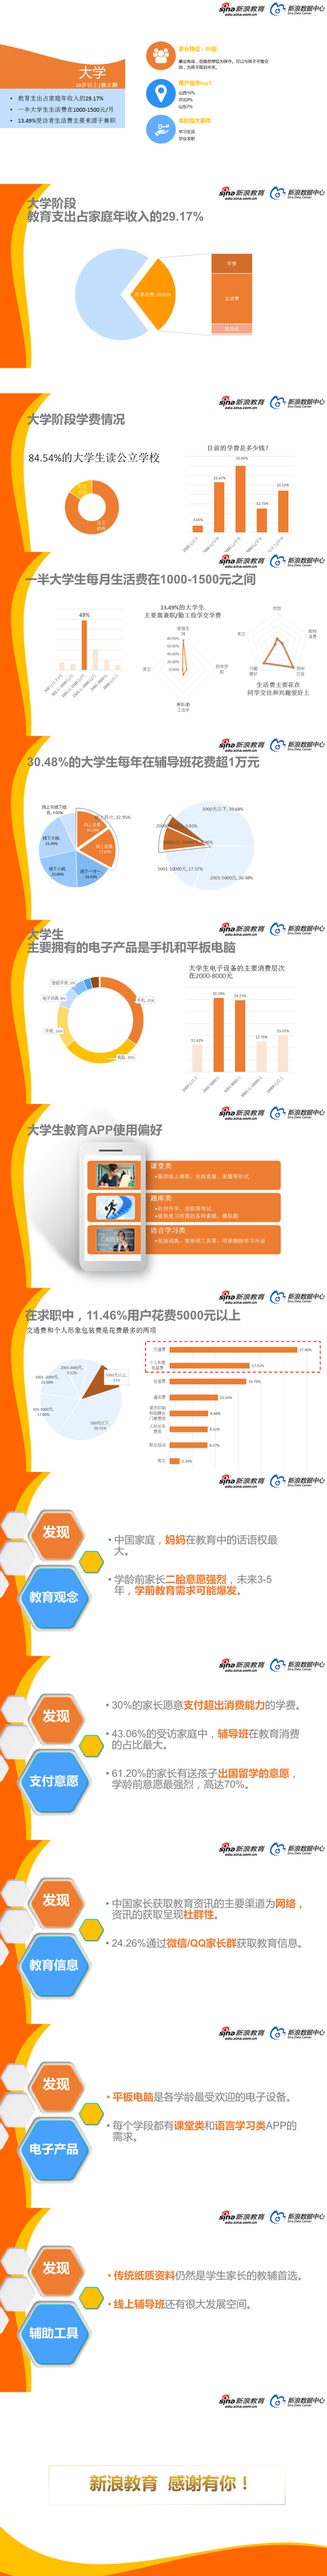 2017中国家庭教育消费白皮书(4)